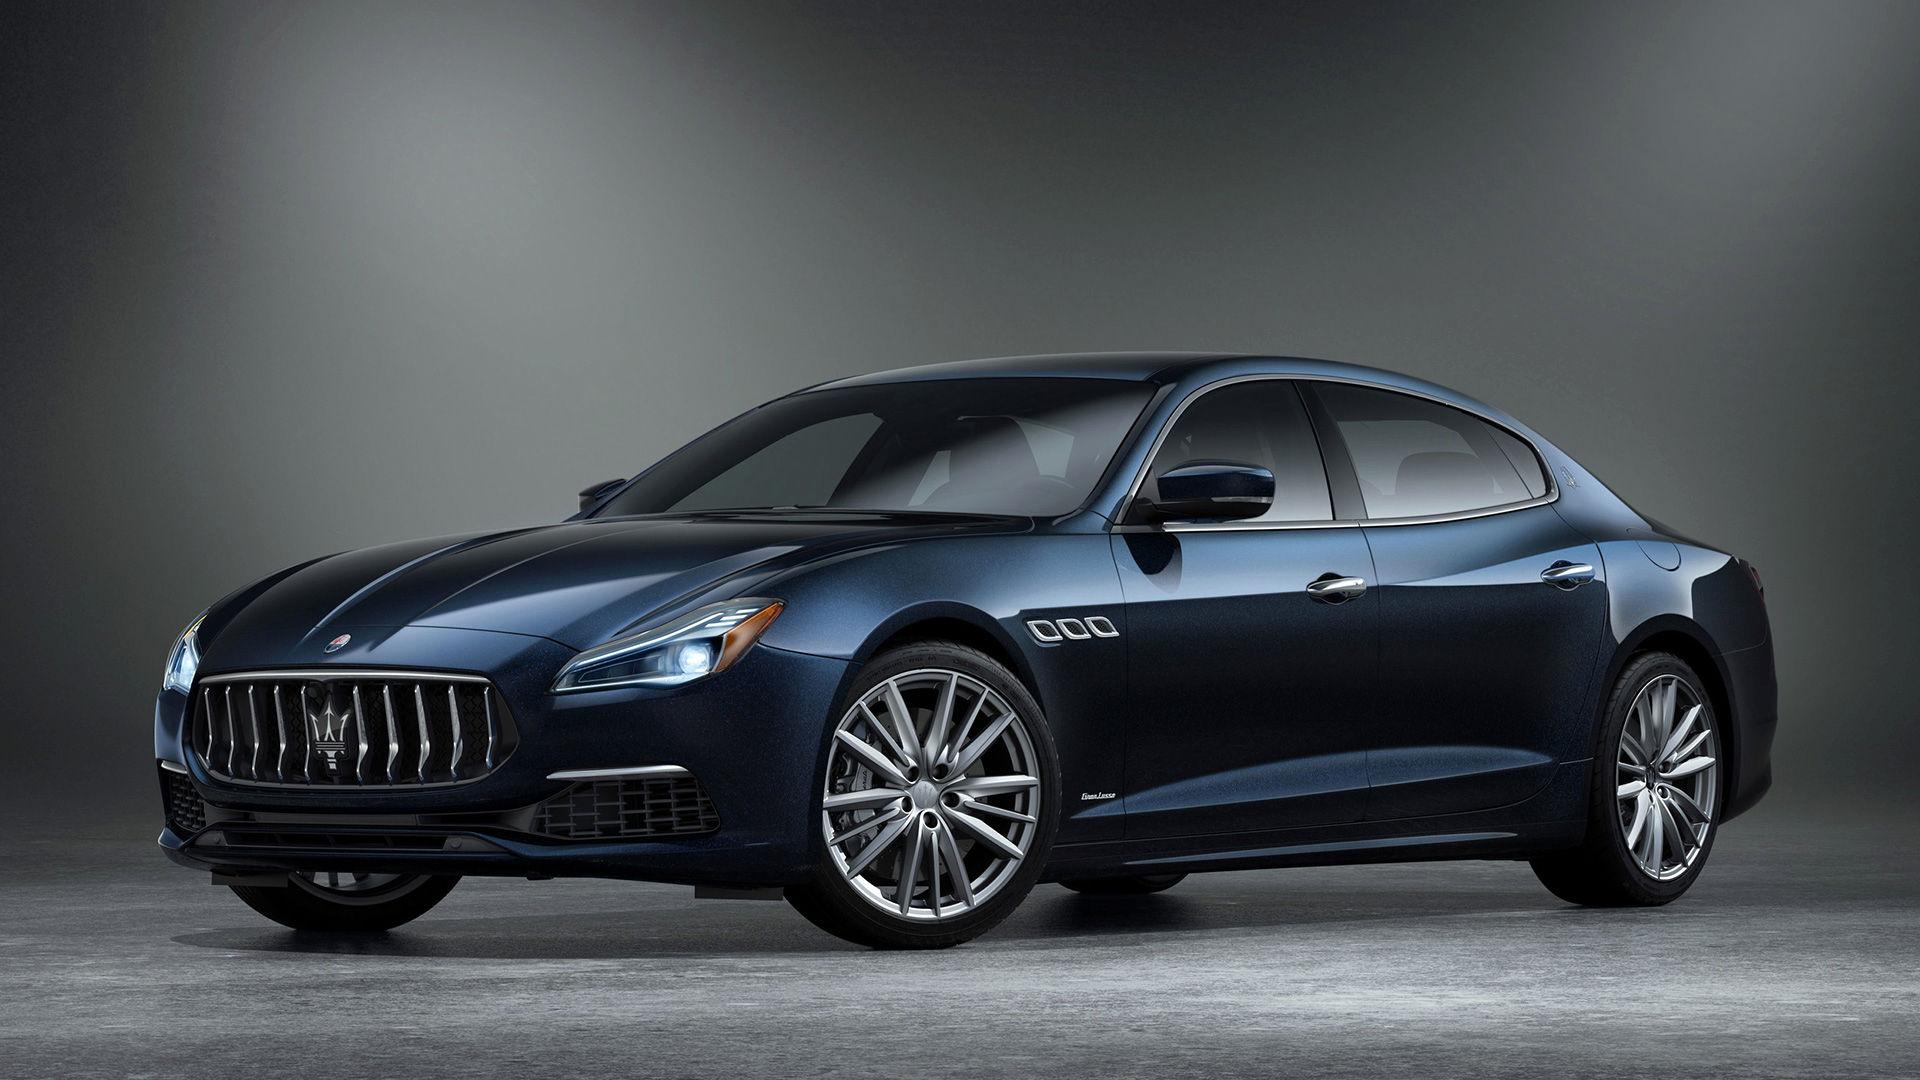 Maserati Quattroporte - Edizione Nobile - Side view